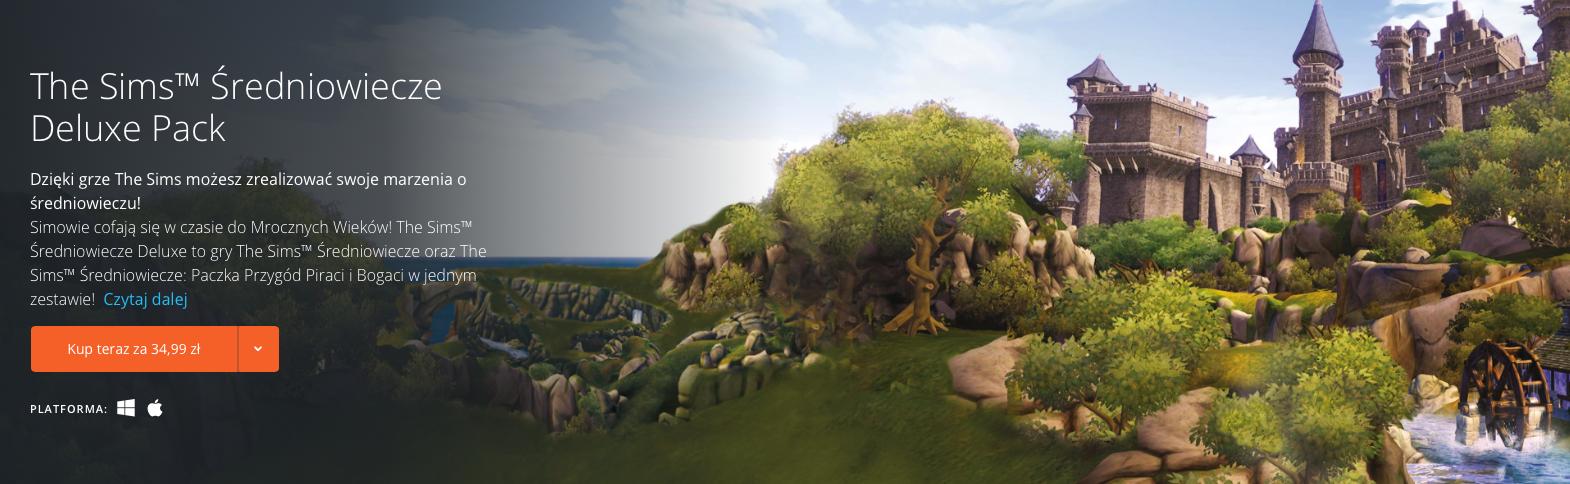 The Sims Sredniowiecze Deluxe Pack na stałe za 35 złotych na Origin